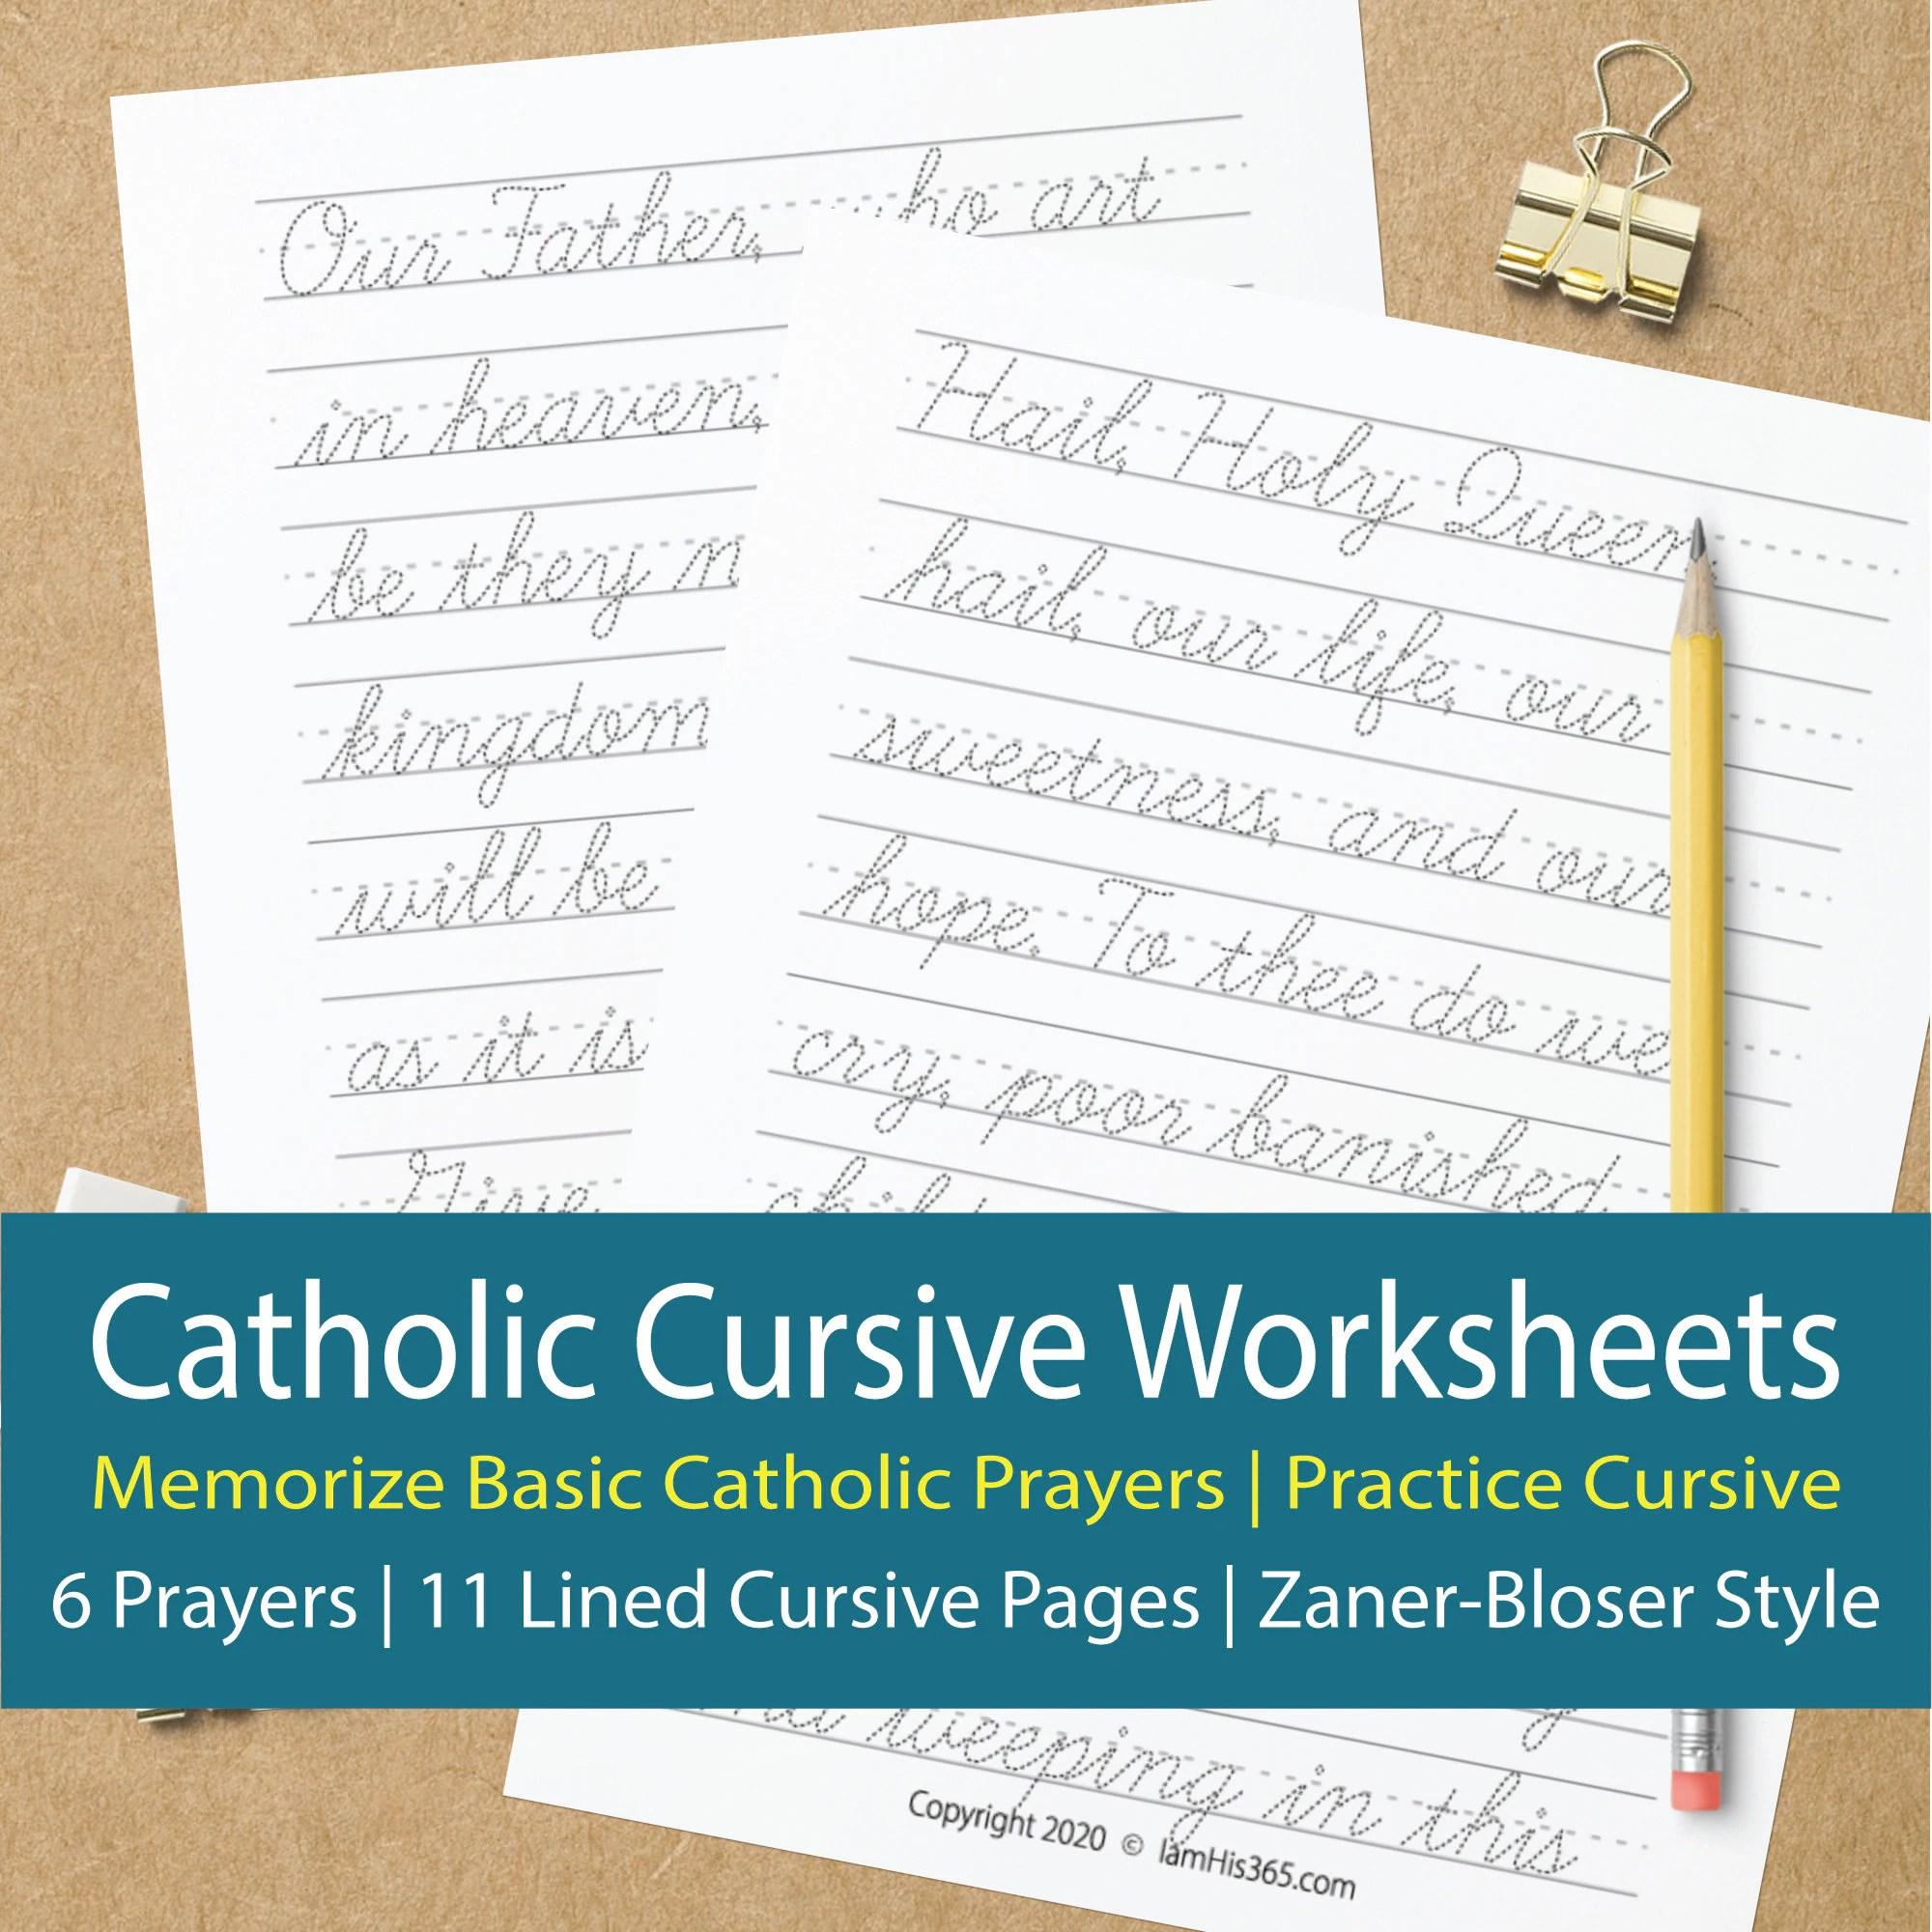 Catholic Cursive Worksheets For Memorizing 6 Basic Prayers